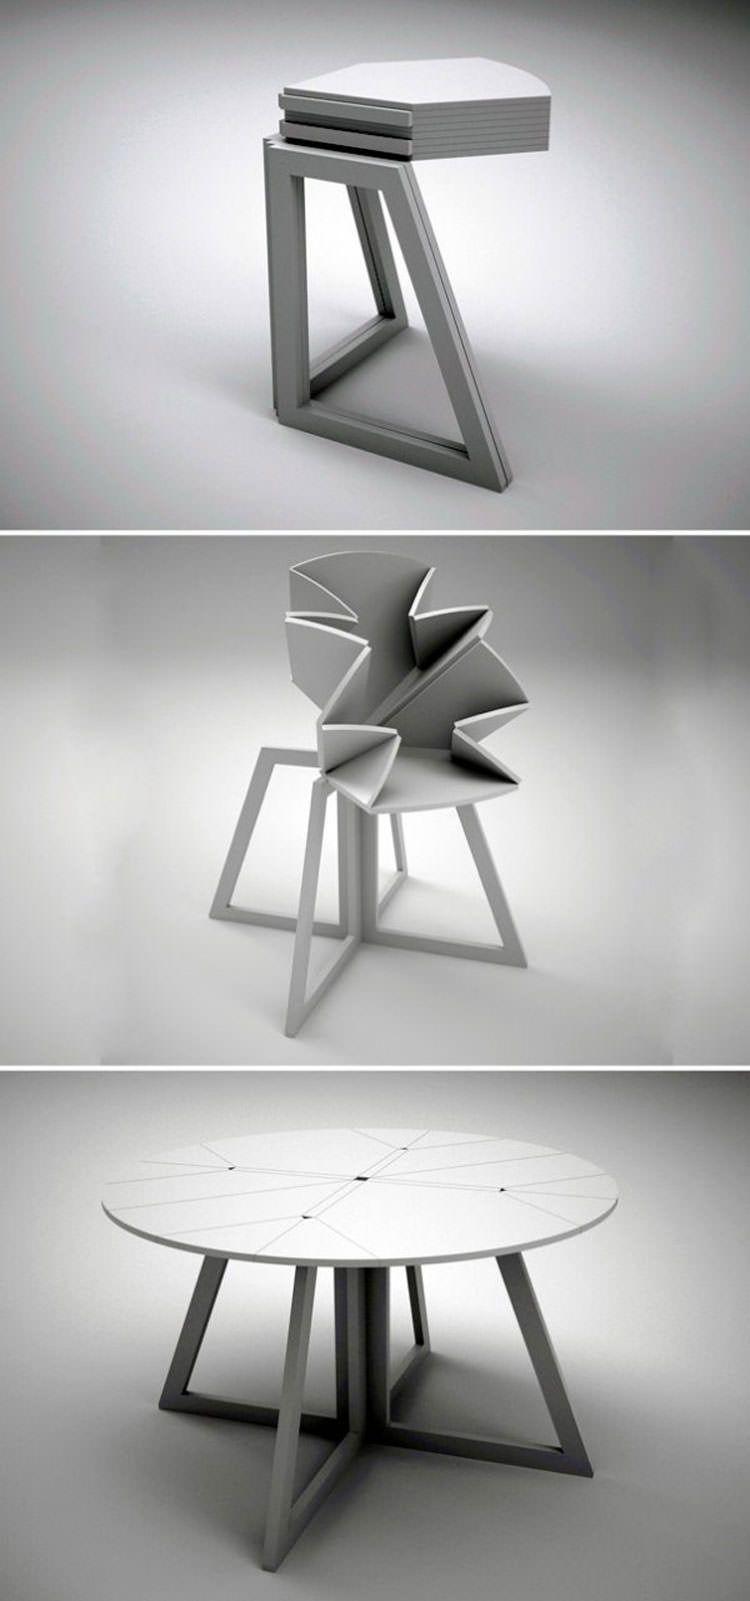 30 Tavoli Allungabili Moderni dal Design Particolare | Regal